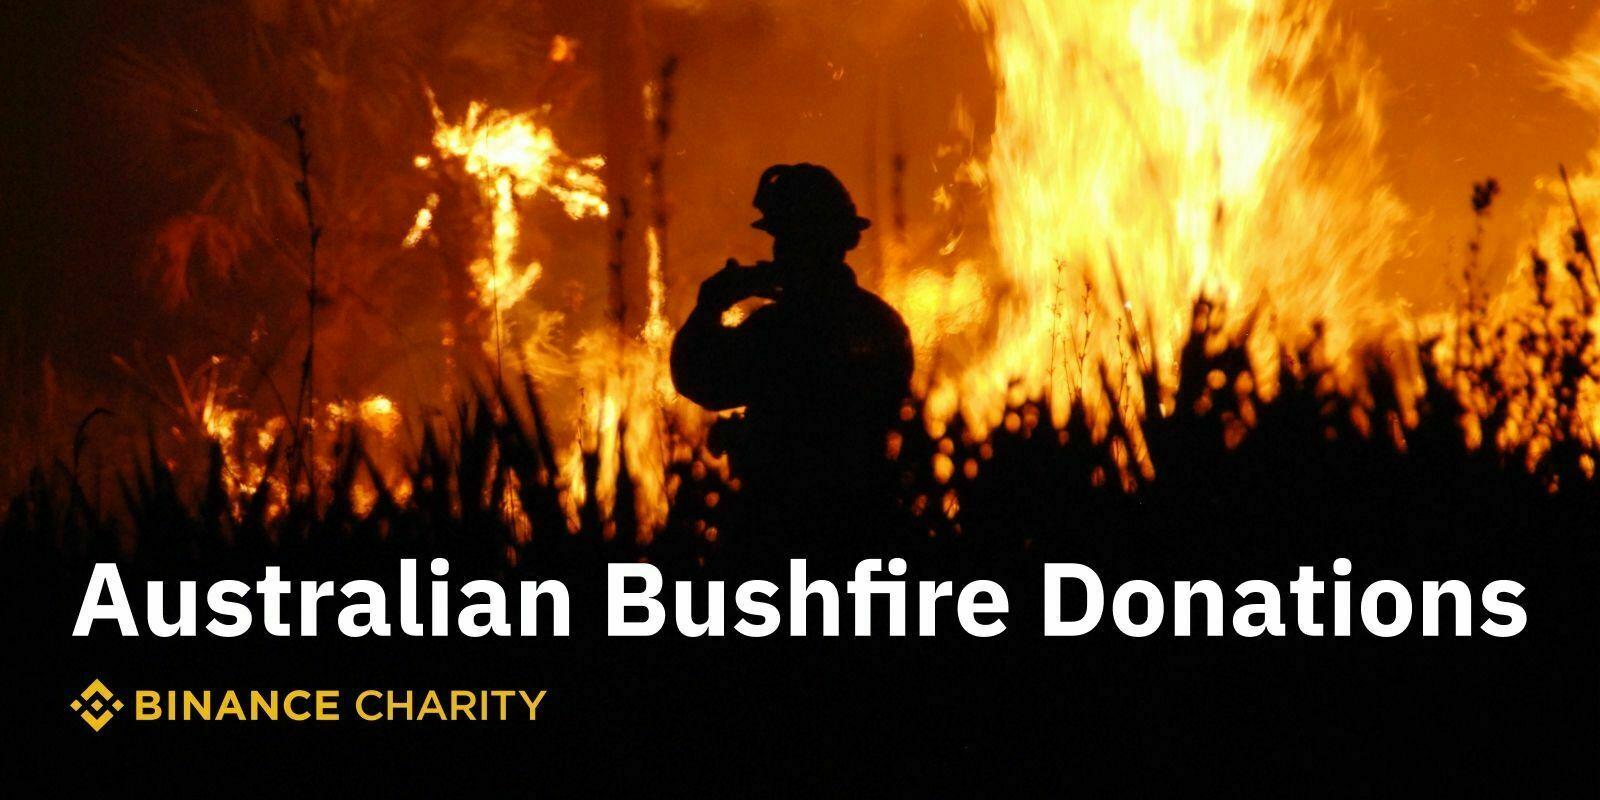 Binance Charity lance un programme de dons pour soutenir l'Australie dans sa lutte contre les incendies